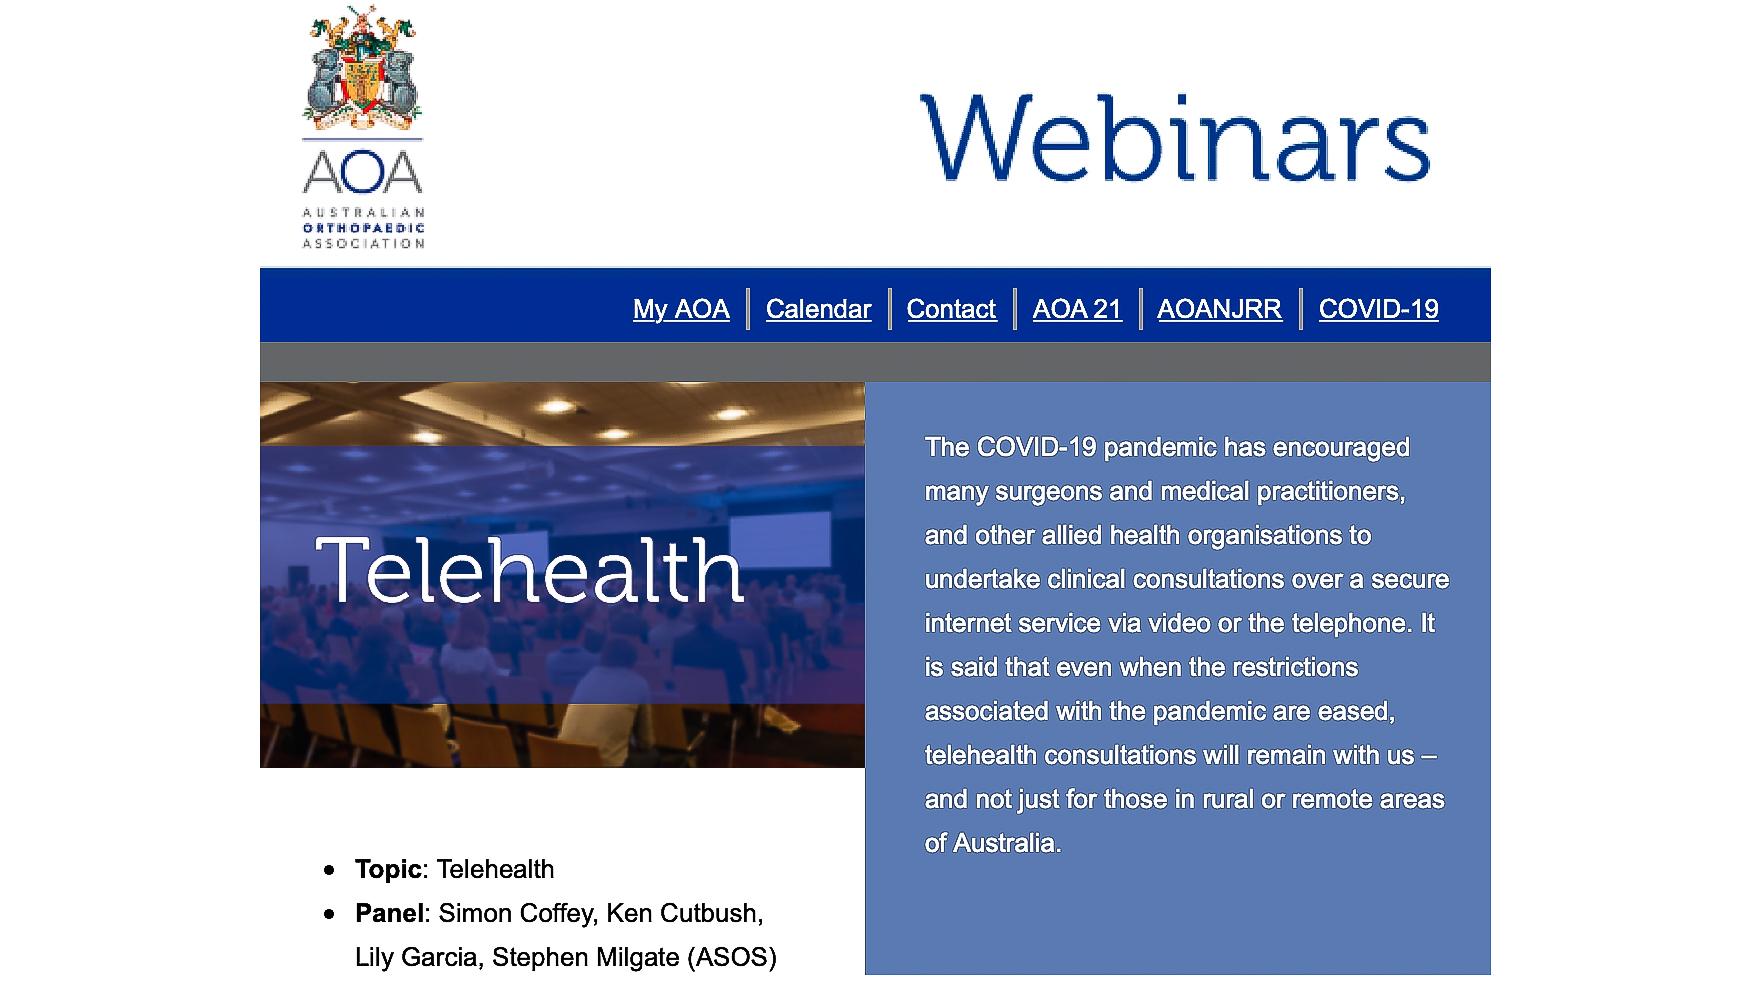 AOA Telehealth Webinar